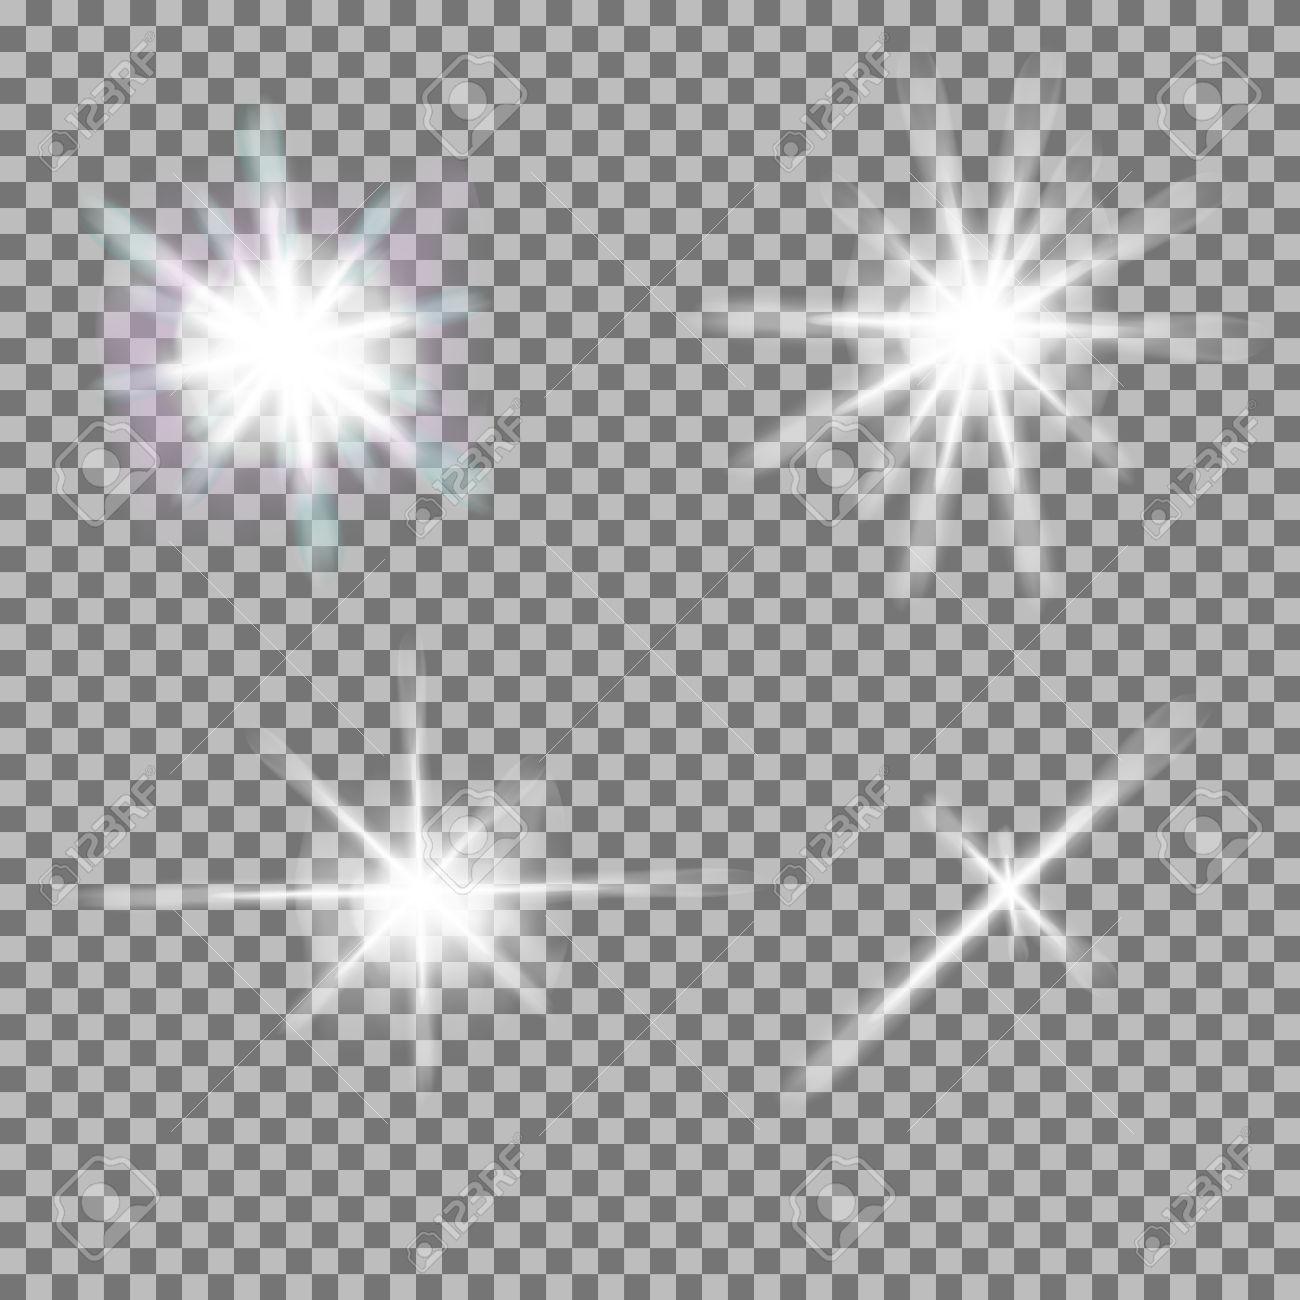 Sparkles clipart transparent background #4